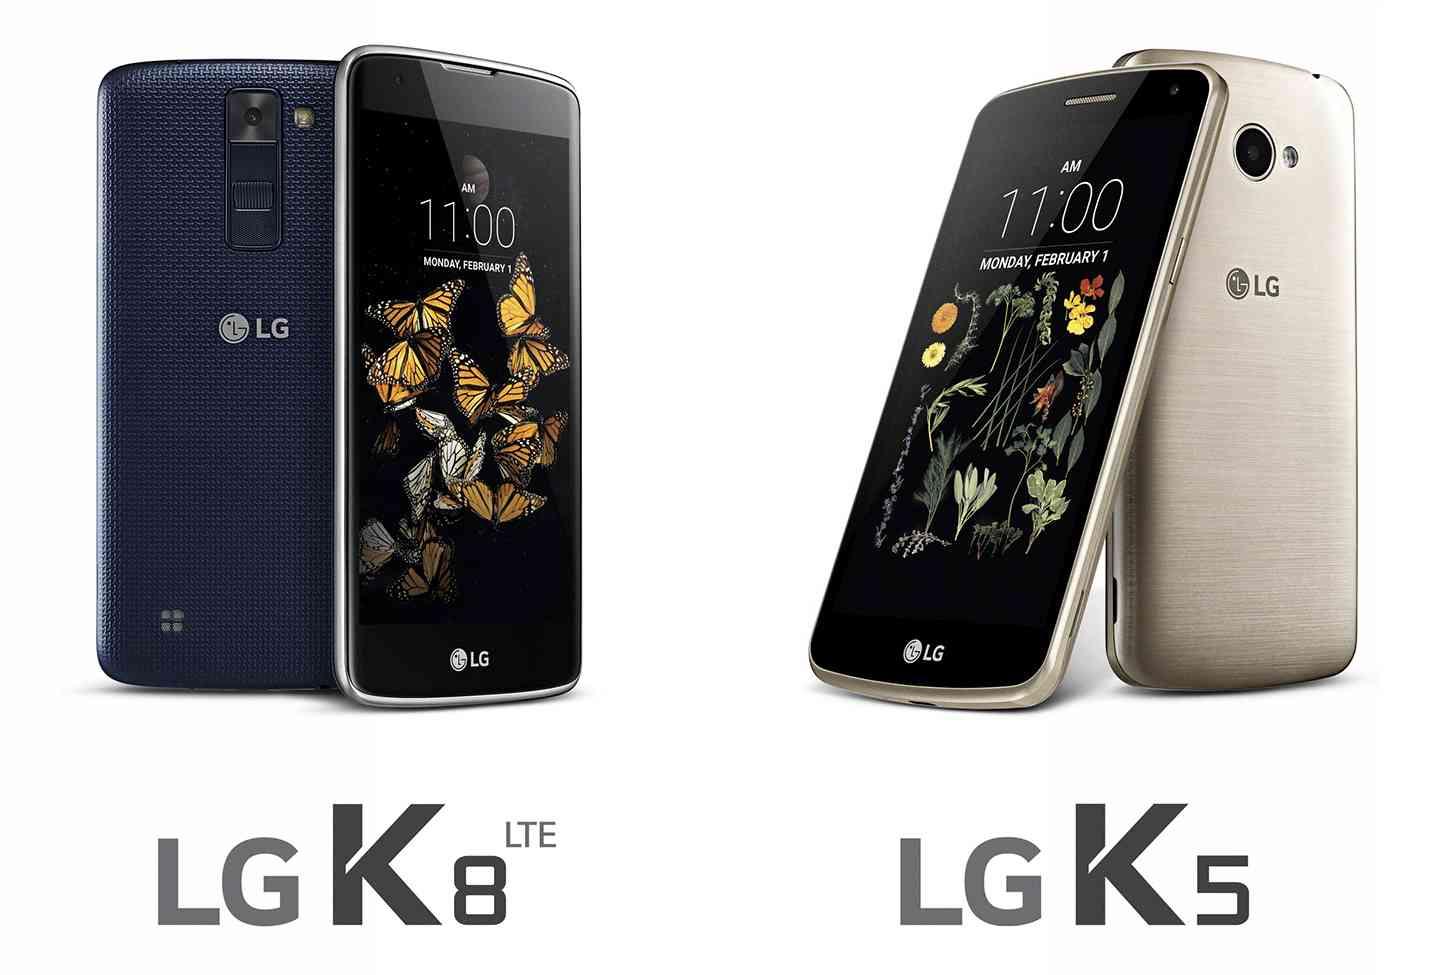 LG K8, LG K5 official